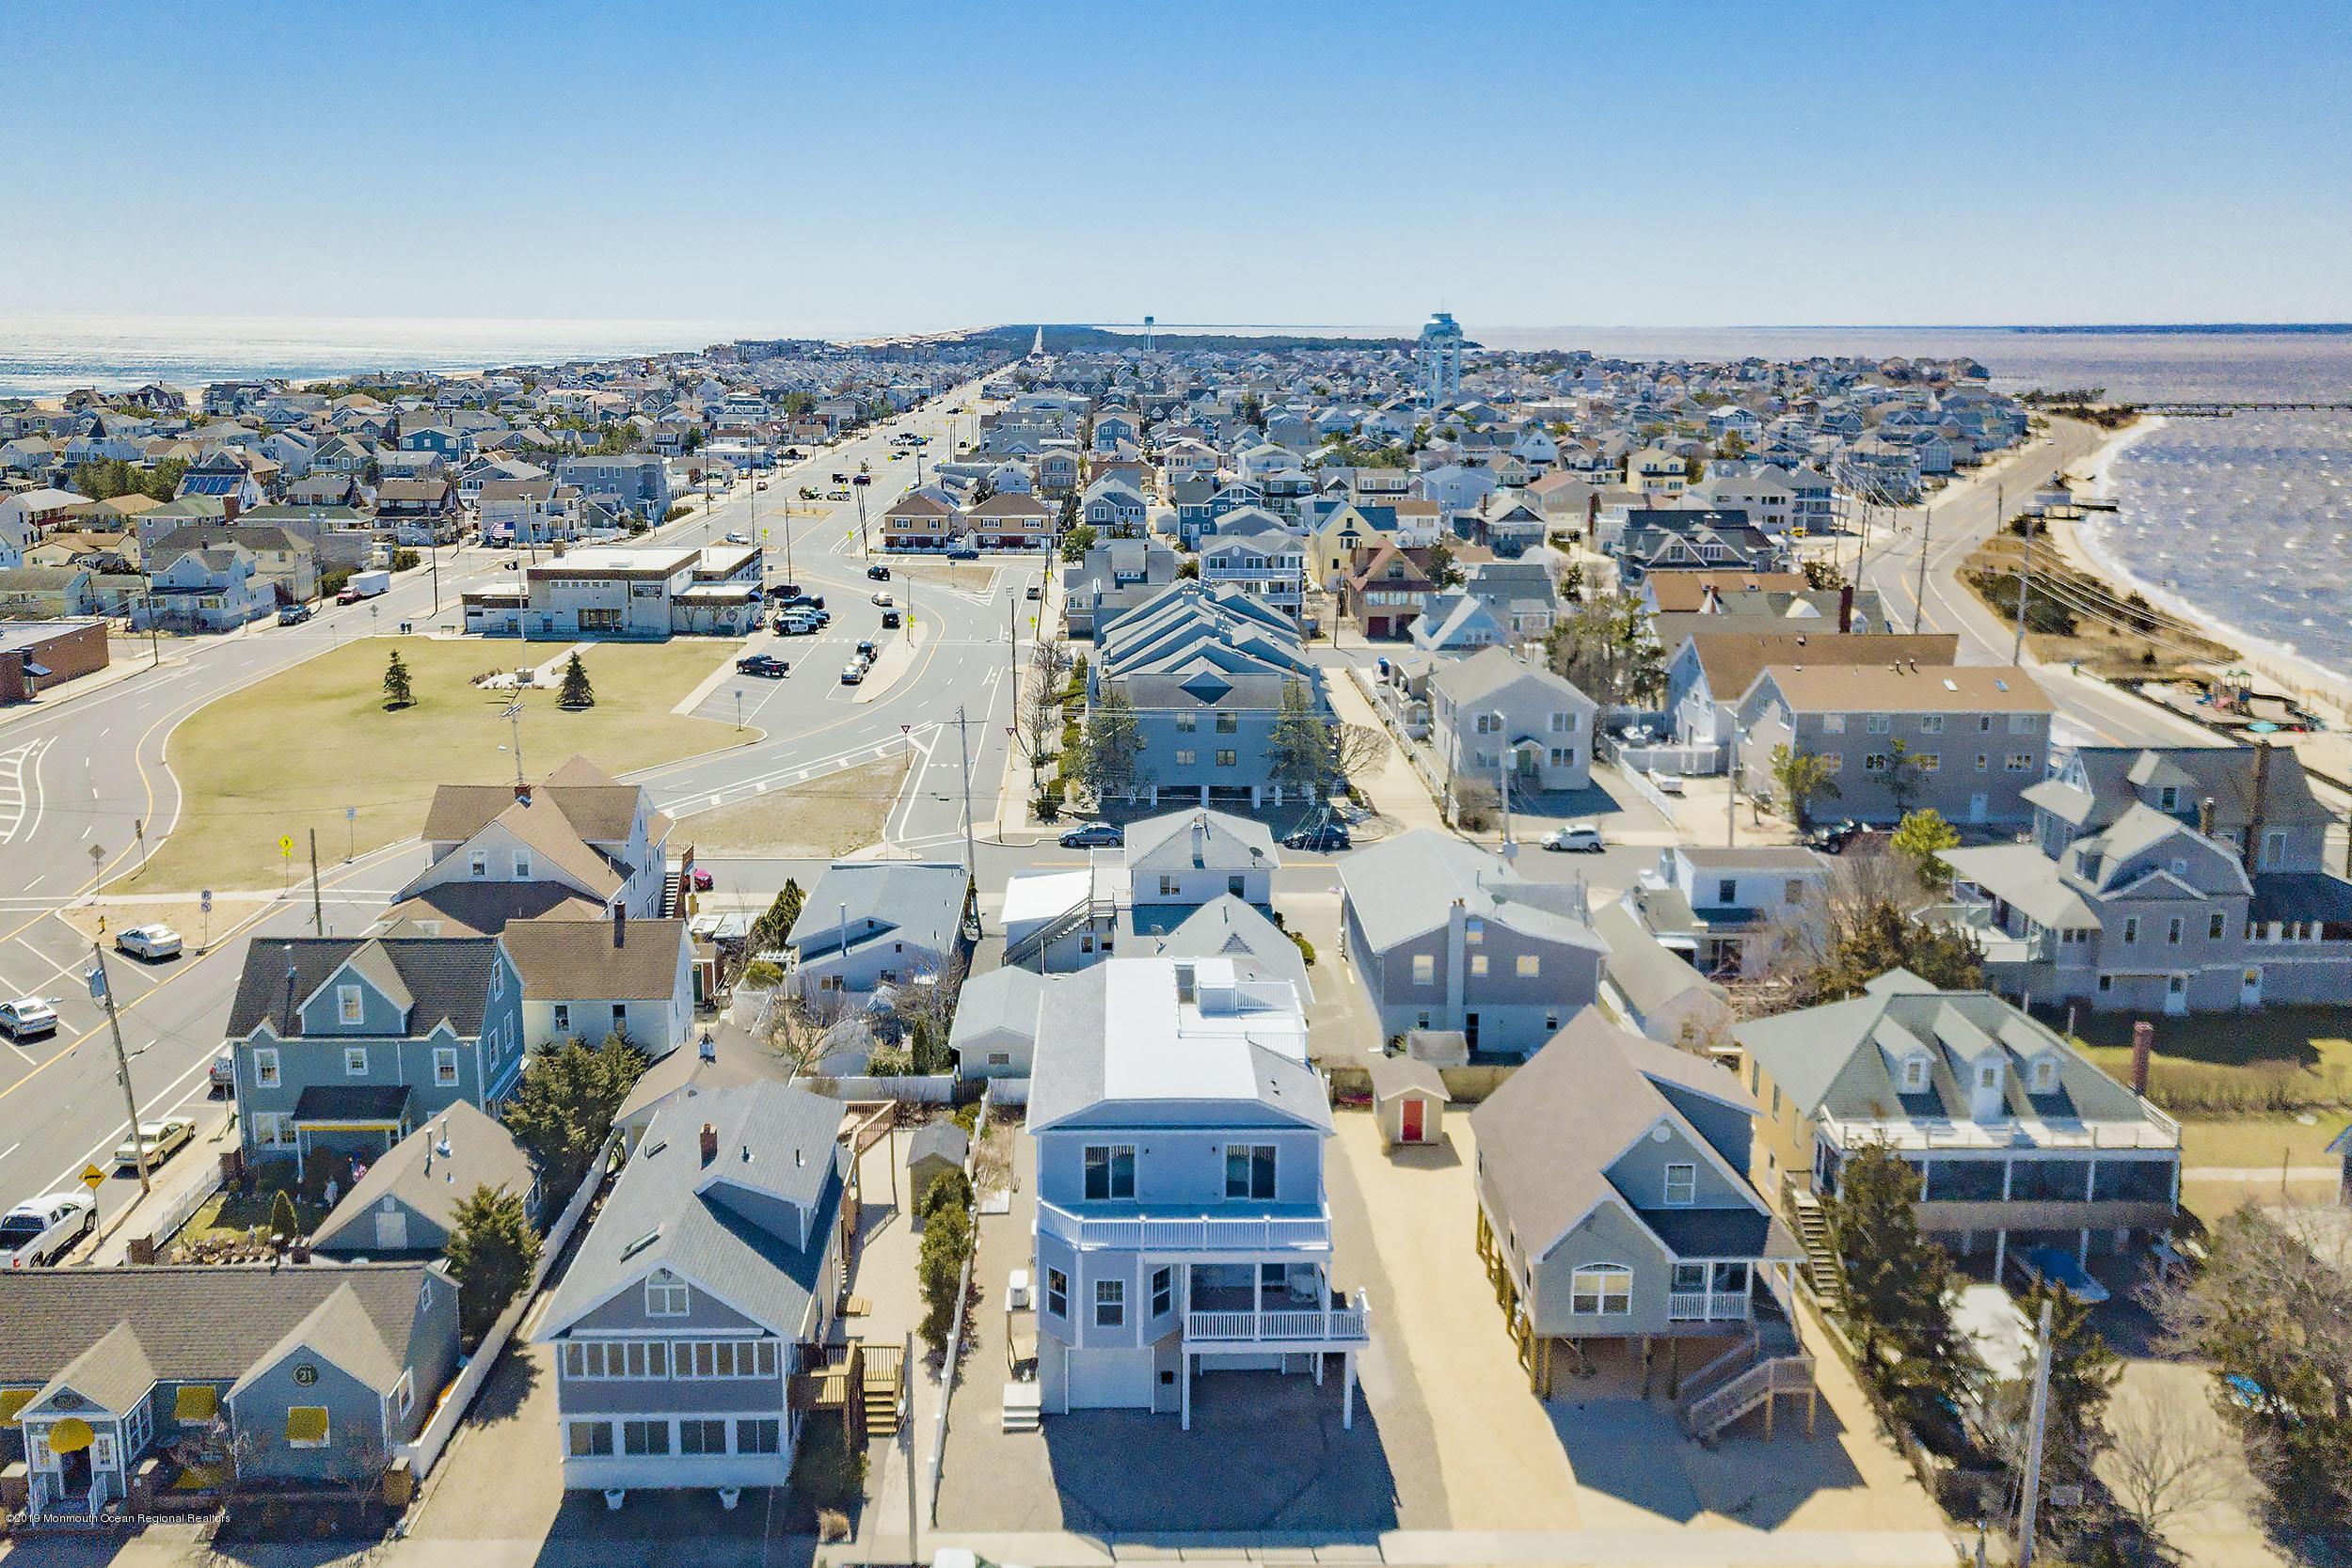 109 4th avenue seaside park 08752 mls 21911860 crossroads realty rh crossroadsrealtynj com